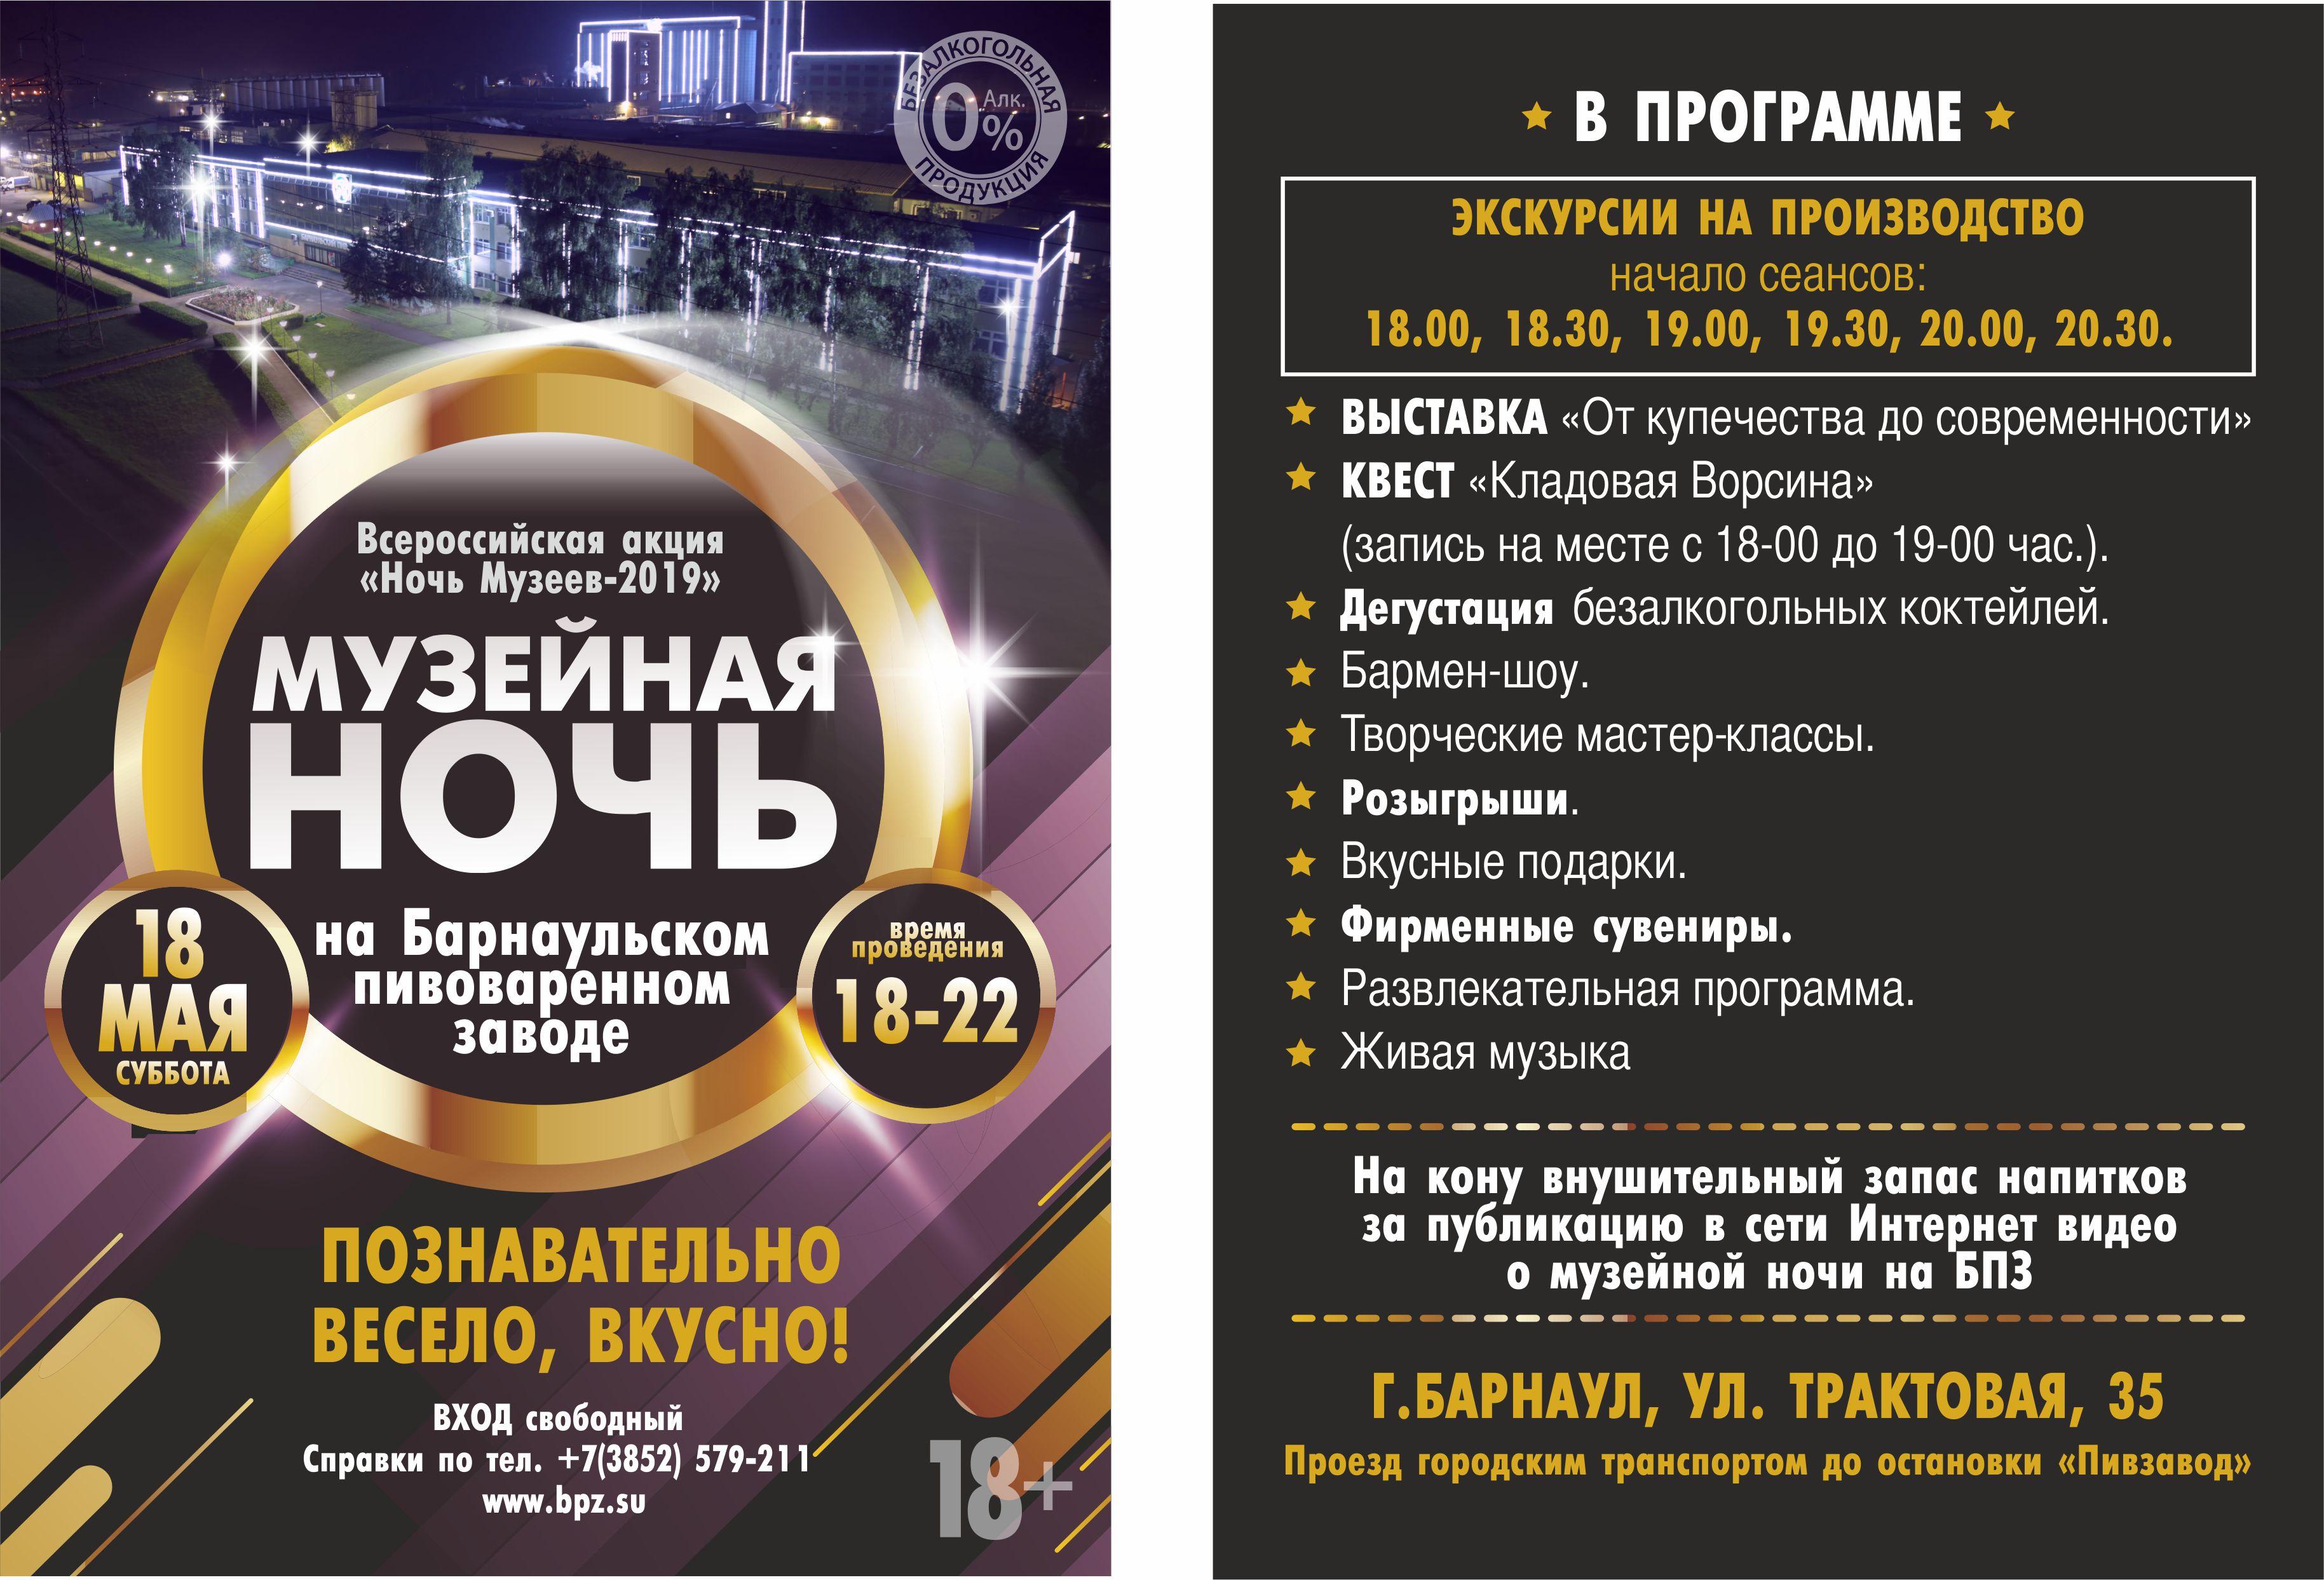 Музейная ночь на Барнаульском пивоваренном заводе!